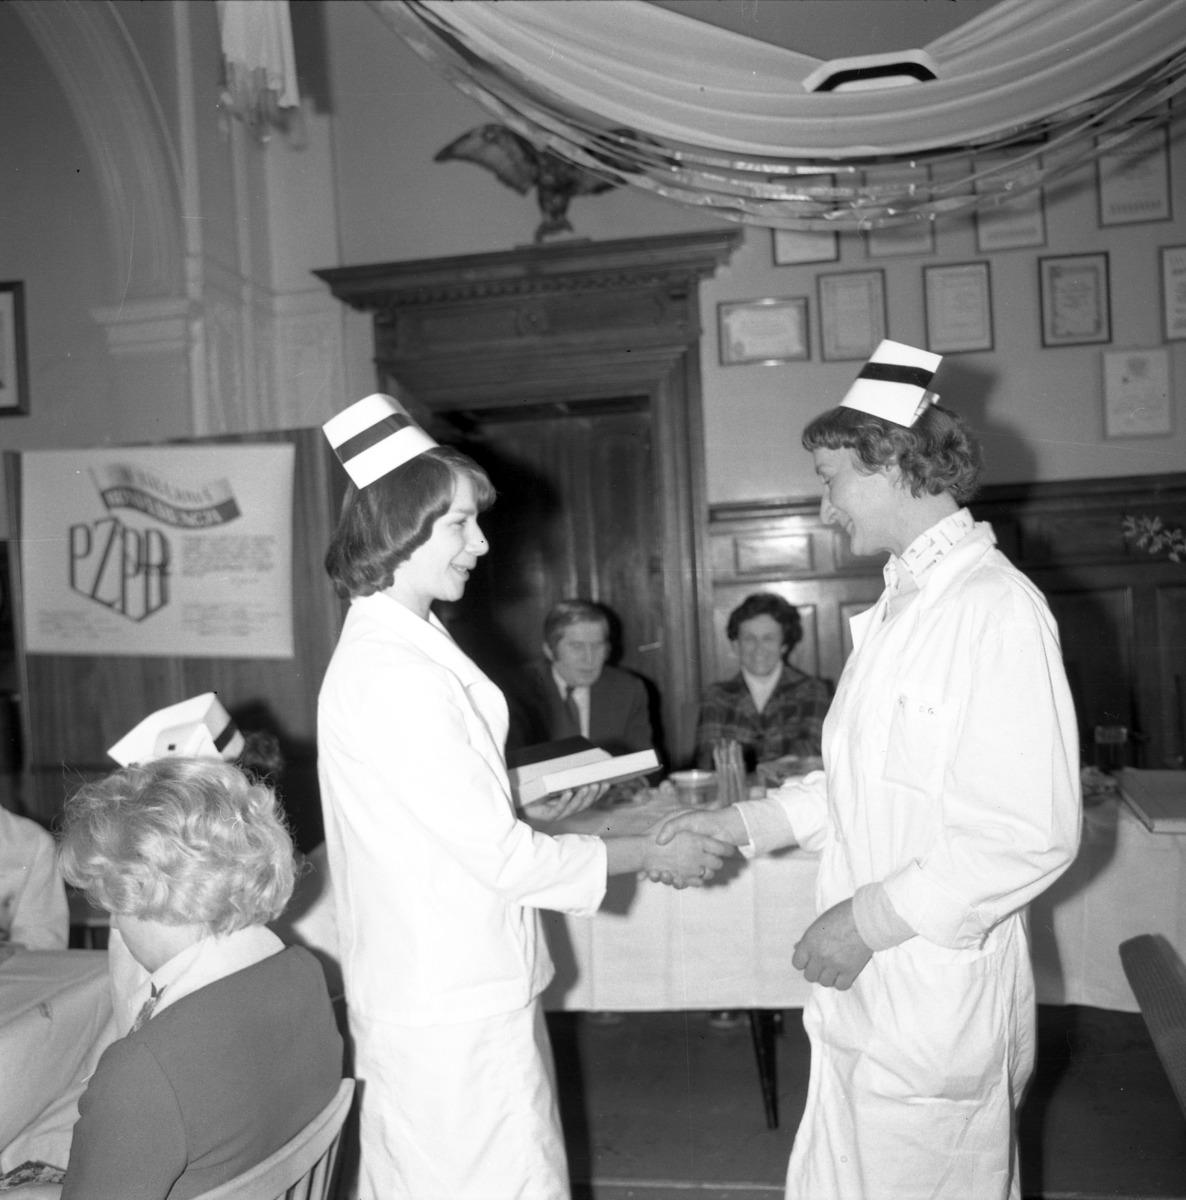 Międzynarodowy Dzień Pielęgniarki i Położnej 1978 r.